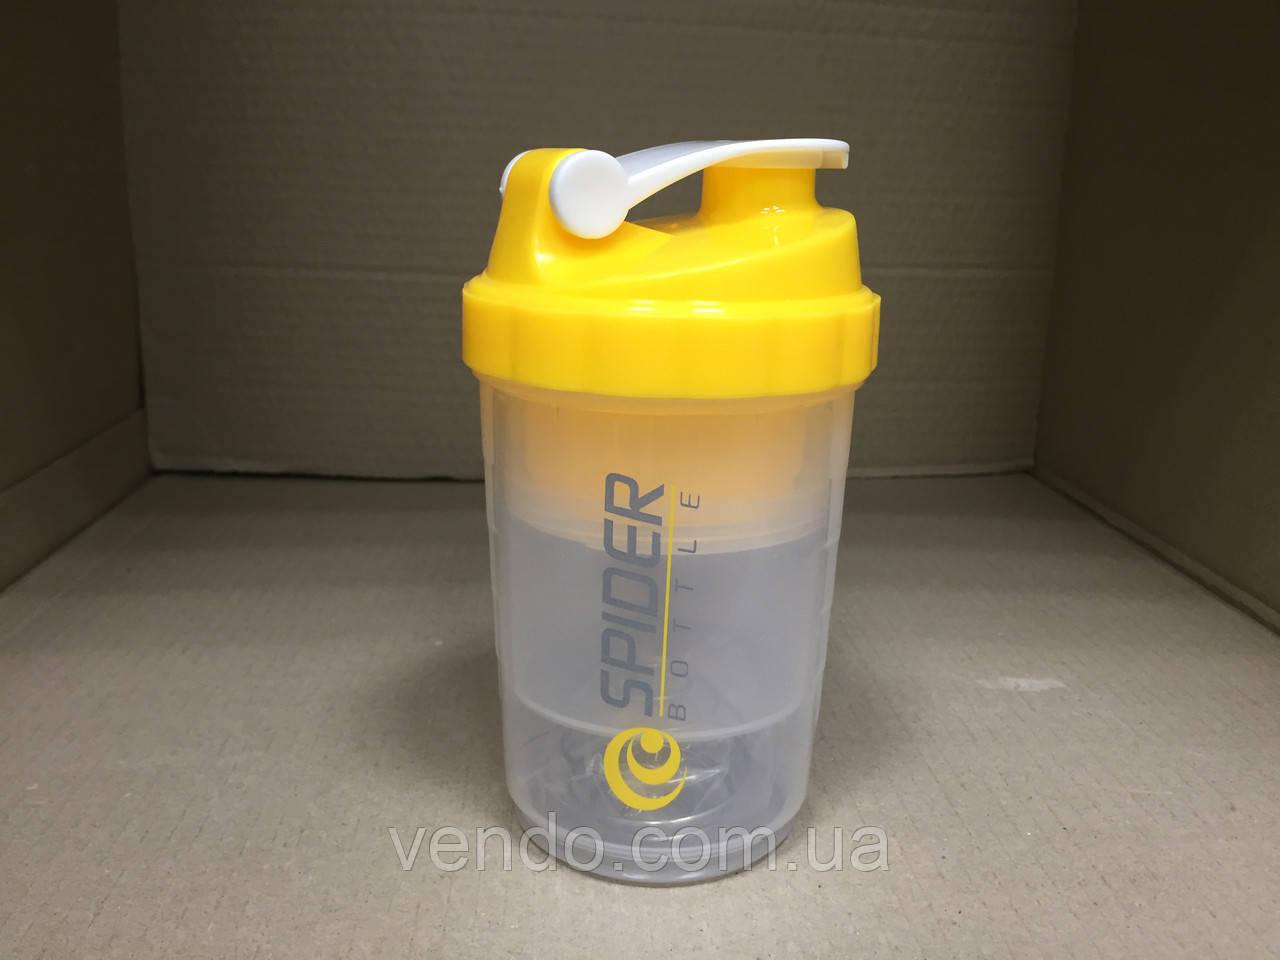 Бутылка - шейкер Spider bottle для спортивных коктейлей с поилкой 500 мл.